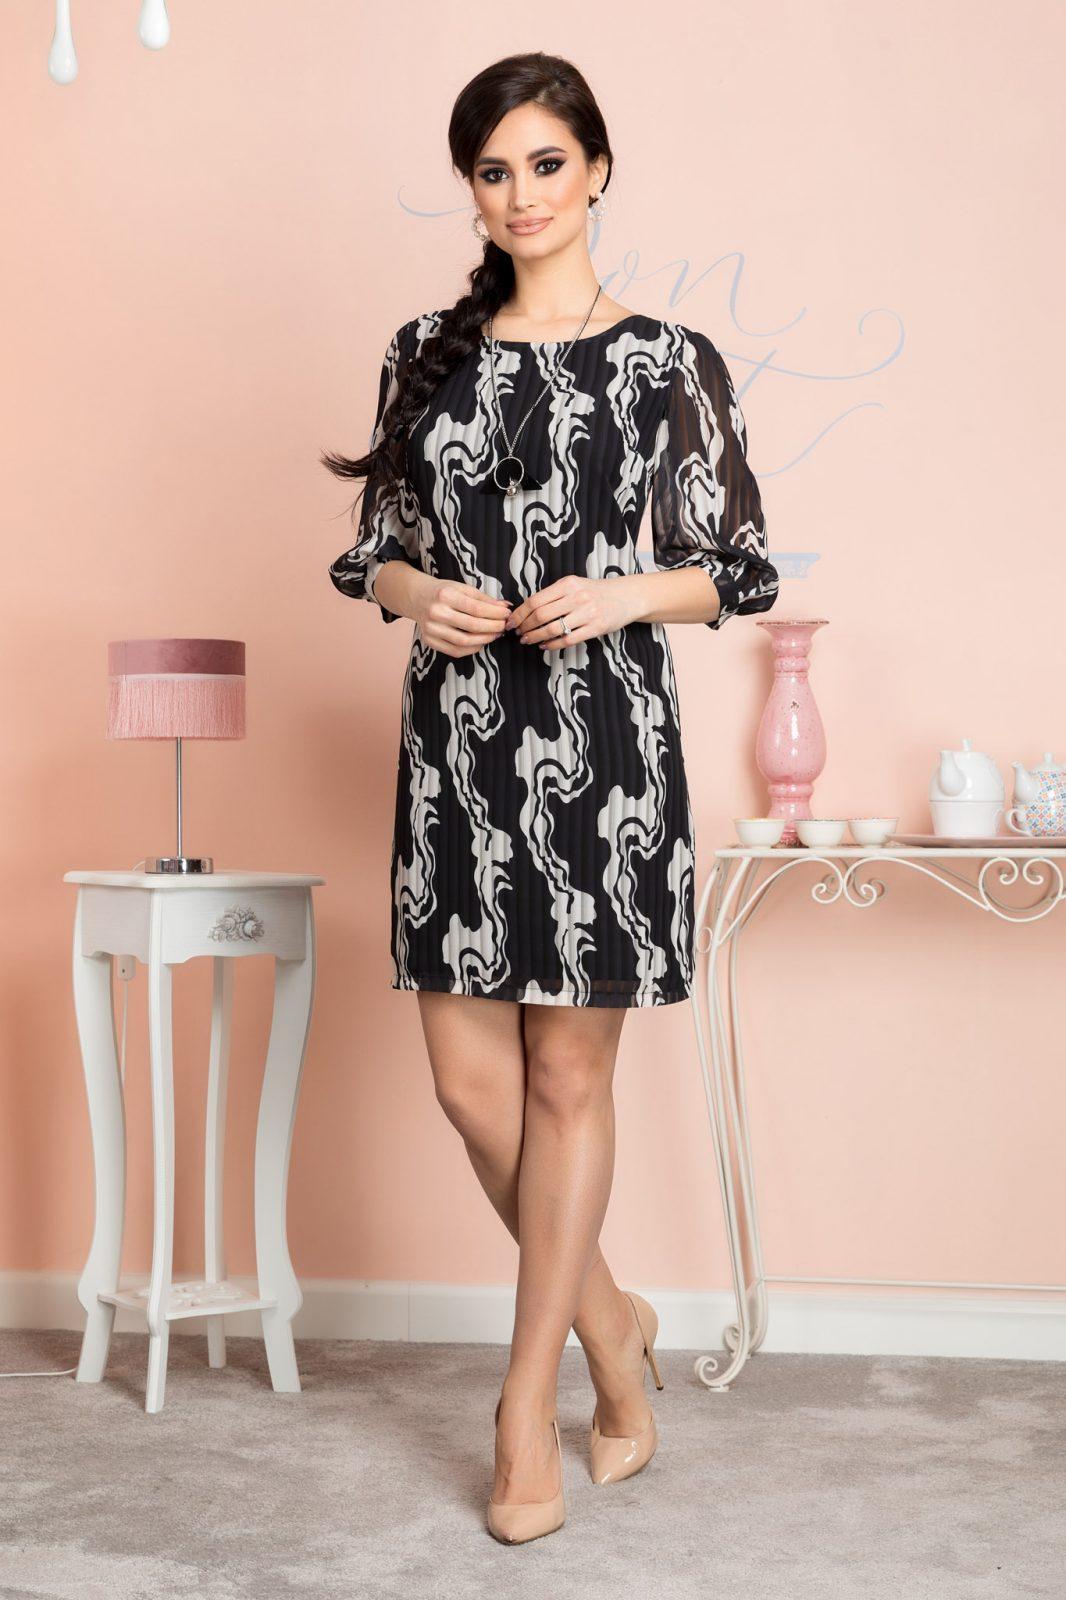 Lauren Bicolored Dress